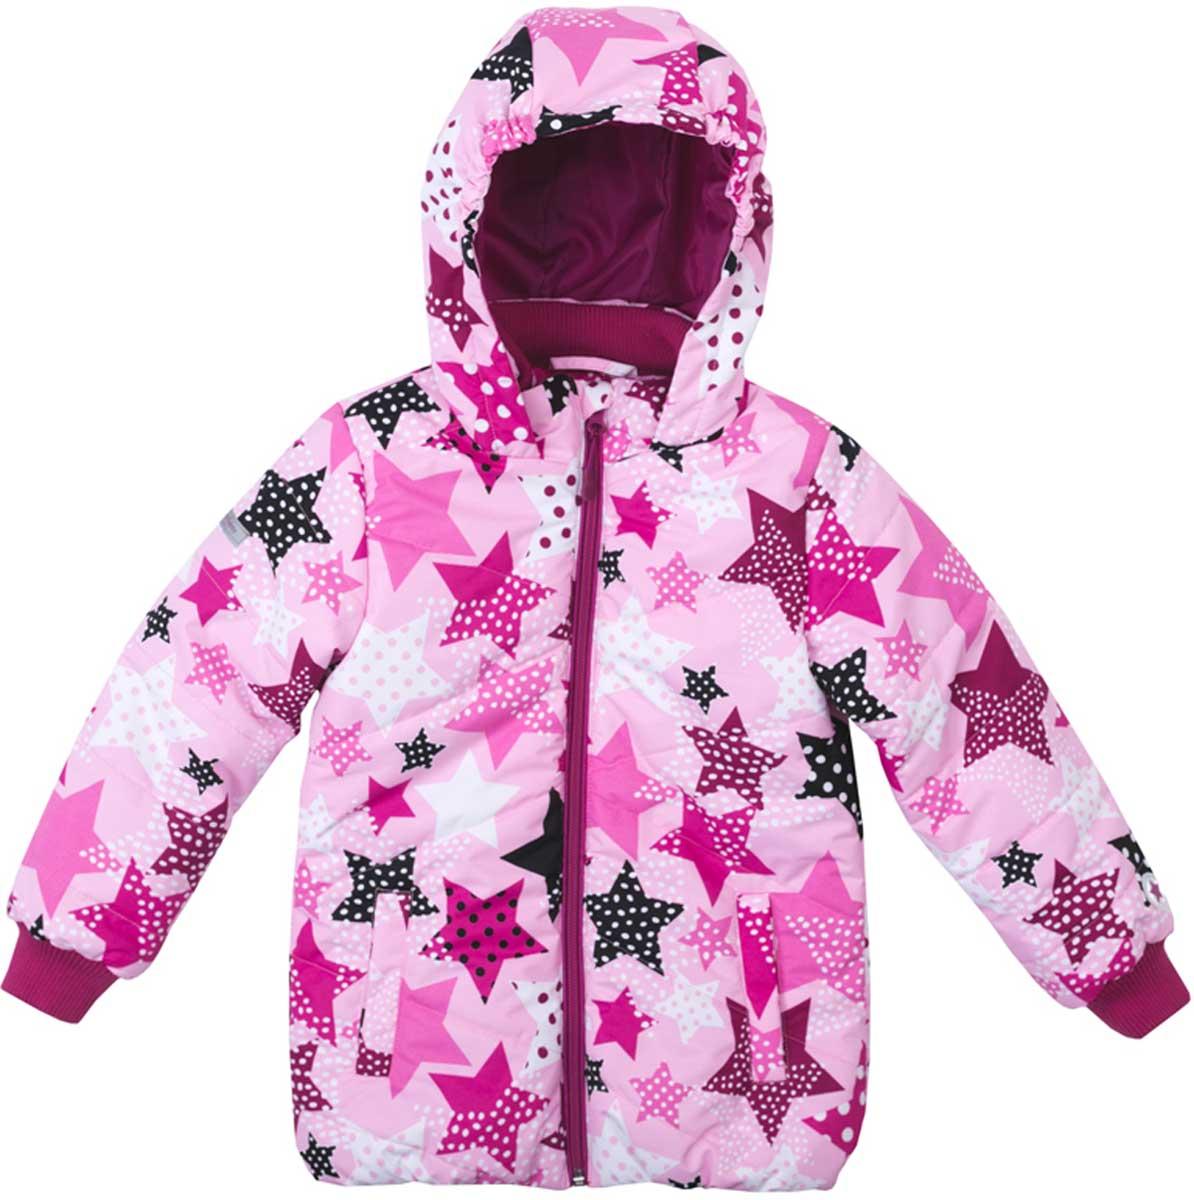 Куртка172051Яркая стильная утепленная куртка со специальной водоотталкивающей пропиткой защитит вашего ребенка в любую погоду! Мягкие трикотажные резинки на рукавах защитят вашего ребенка - ветер не сможет проникнуть под куртку. Специальный карман для фиксации застежки-молнии не позволит застежке травмировать нежную детскую кожу. За счет мягких резинок, капюшон не упадет с головы даже во время активных игр. Светоотражатели на рукаве и по низу изделия позволят видеть вашего ребенка даже в темное время суток.